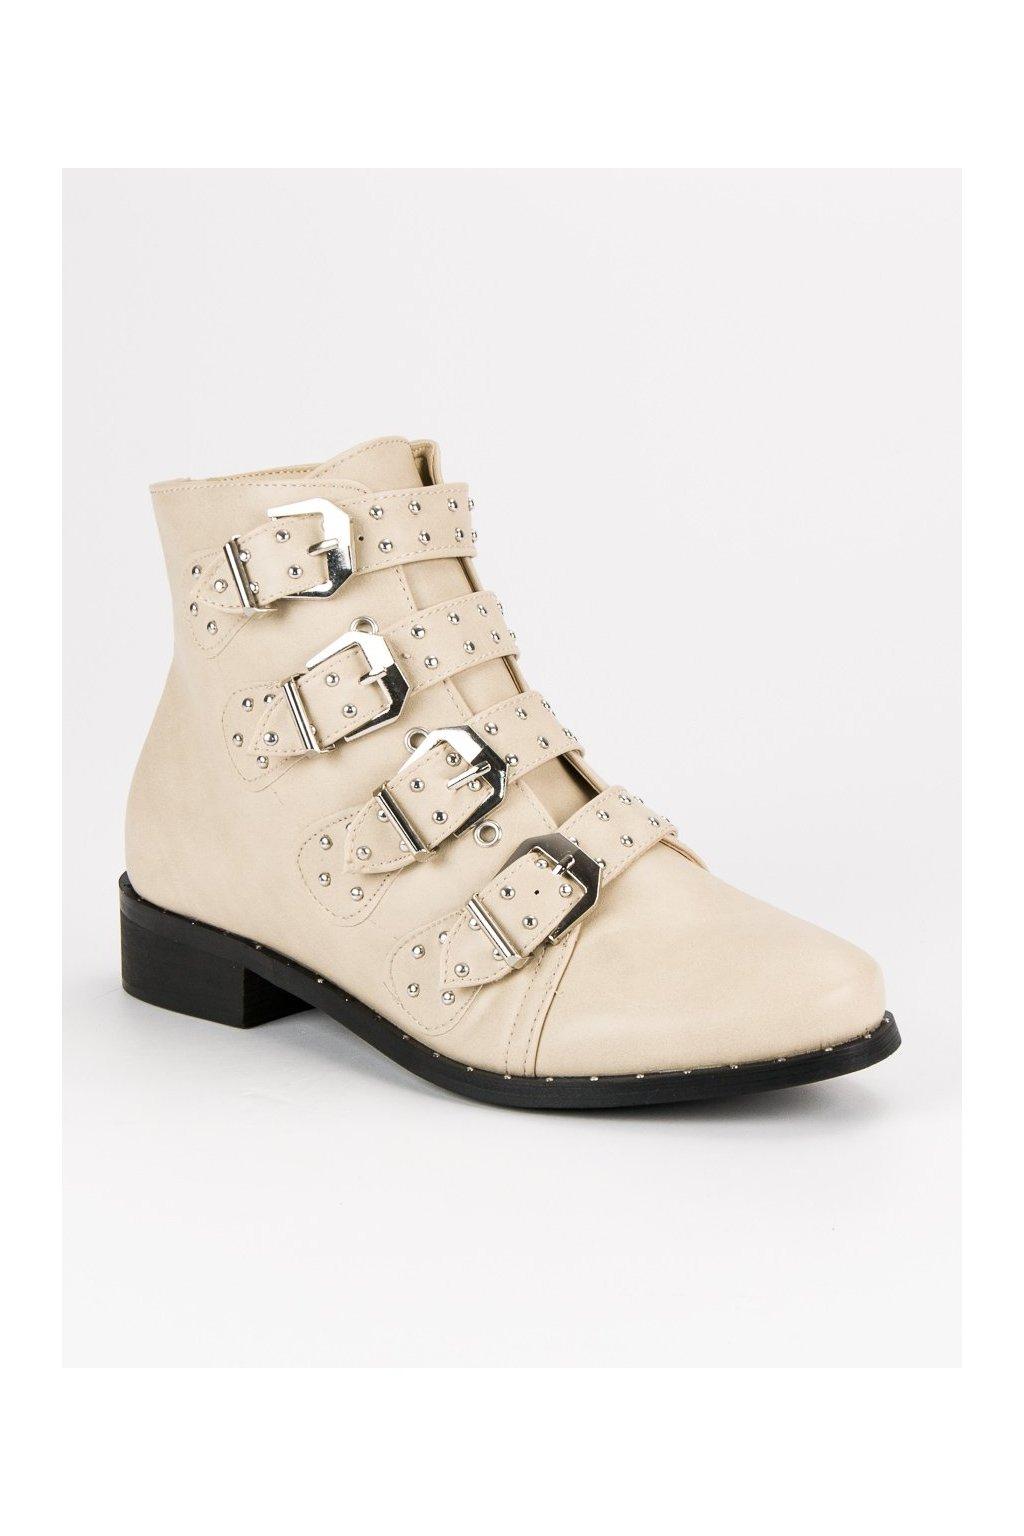 Béžové topánky v rockovom štýle CnB 2d3fae4d4b5